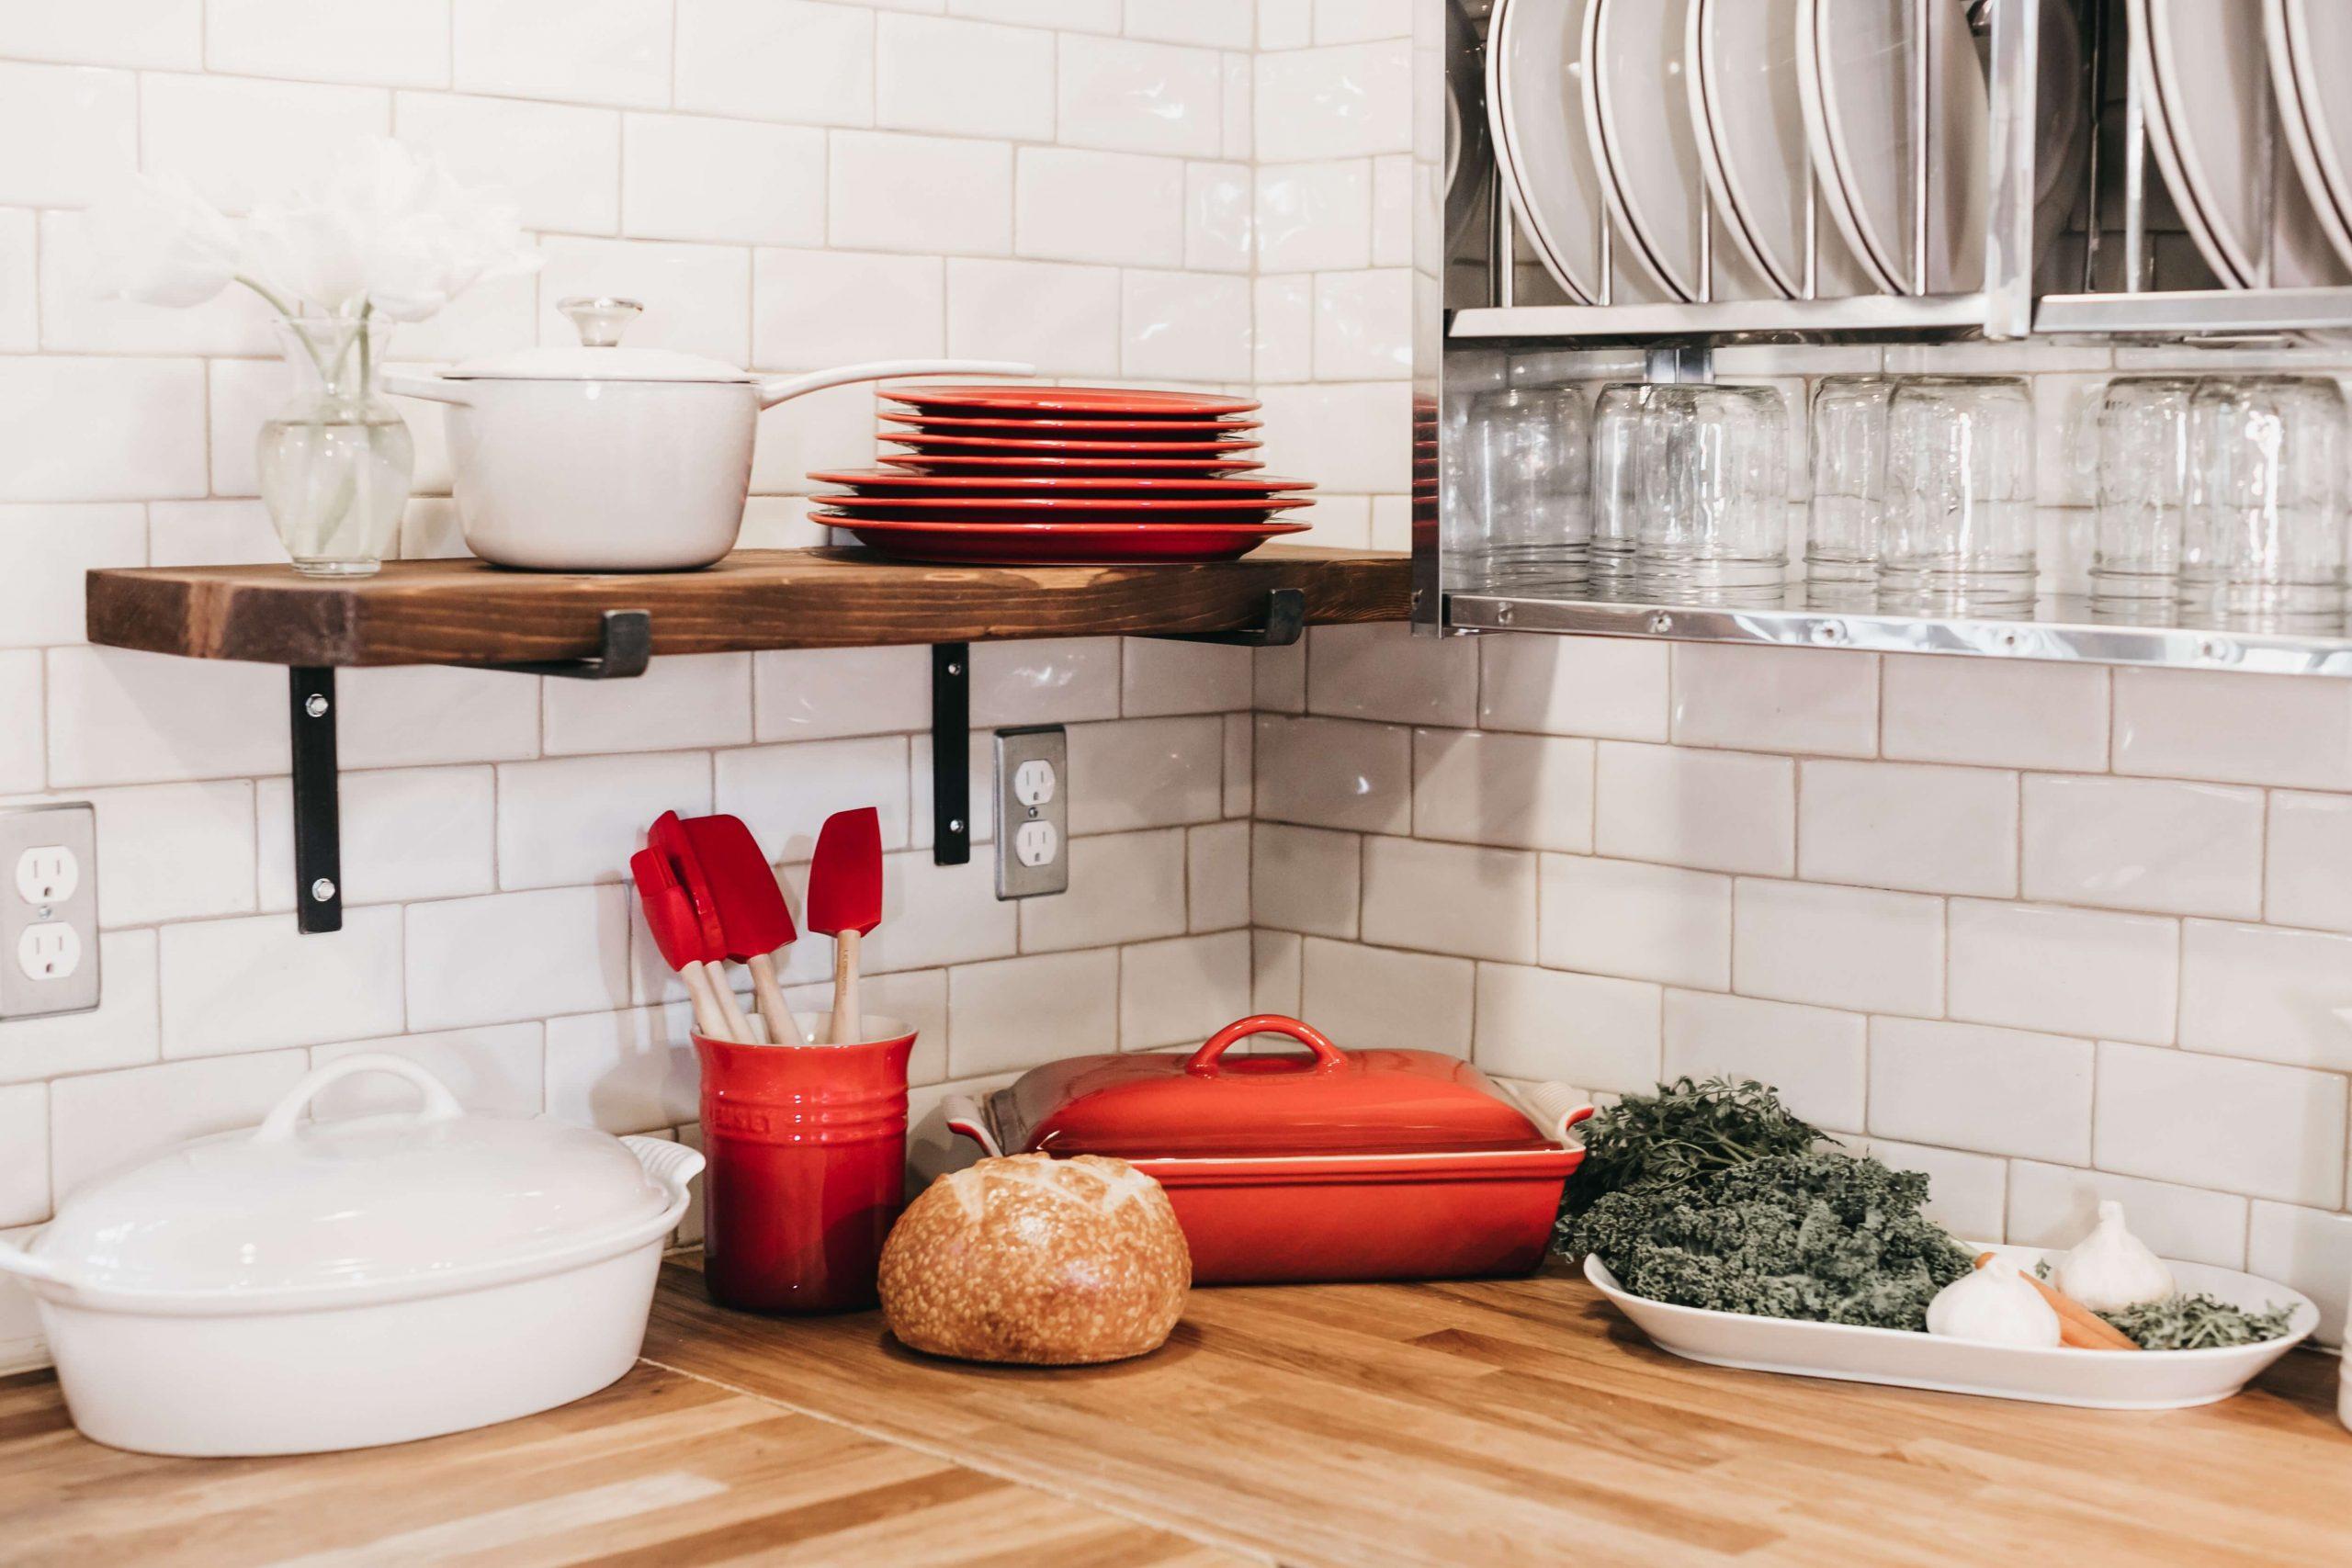 Nettoyer Evier Resine Tache comment nettoyer une cuisine en bois encrassée? - blog de